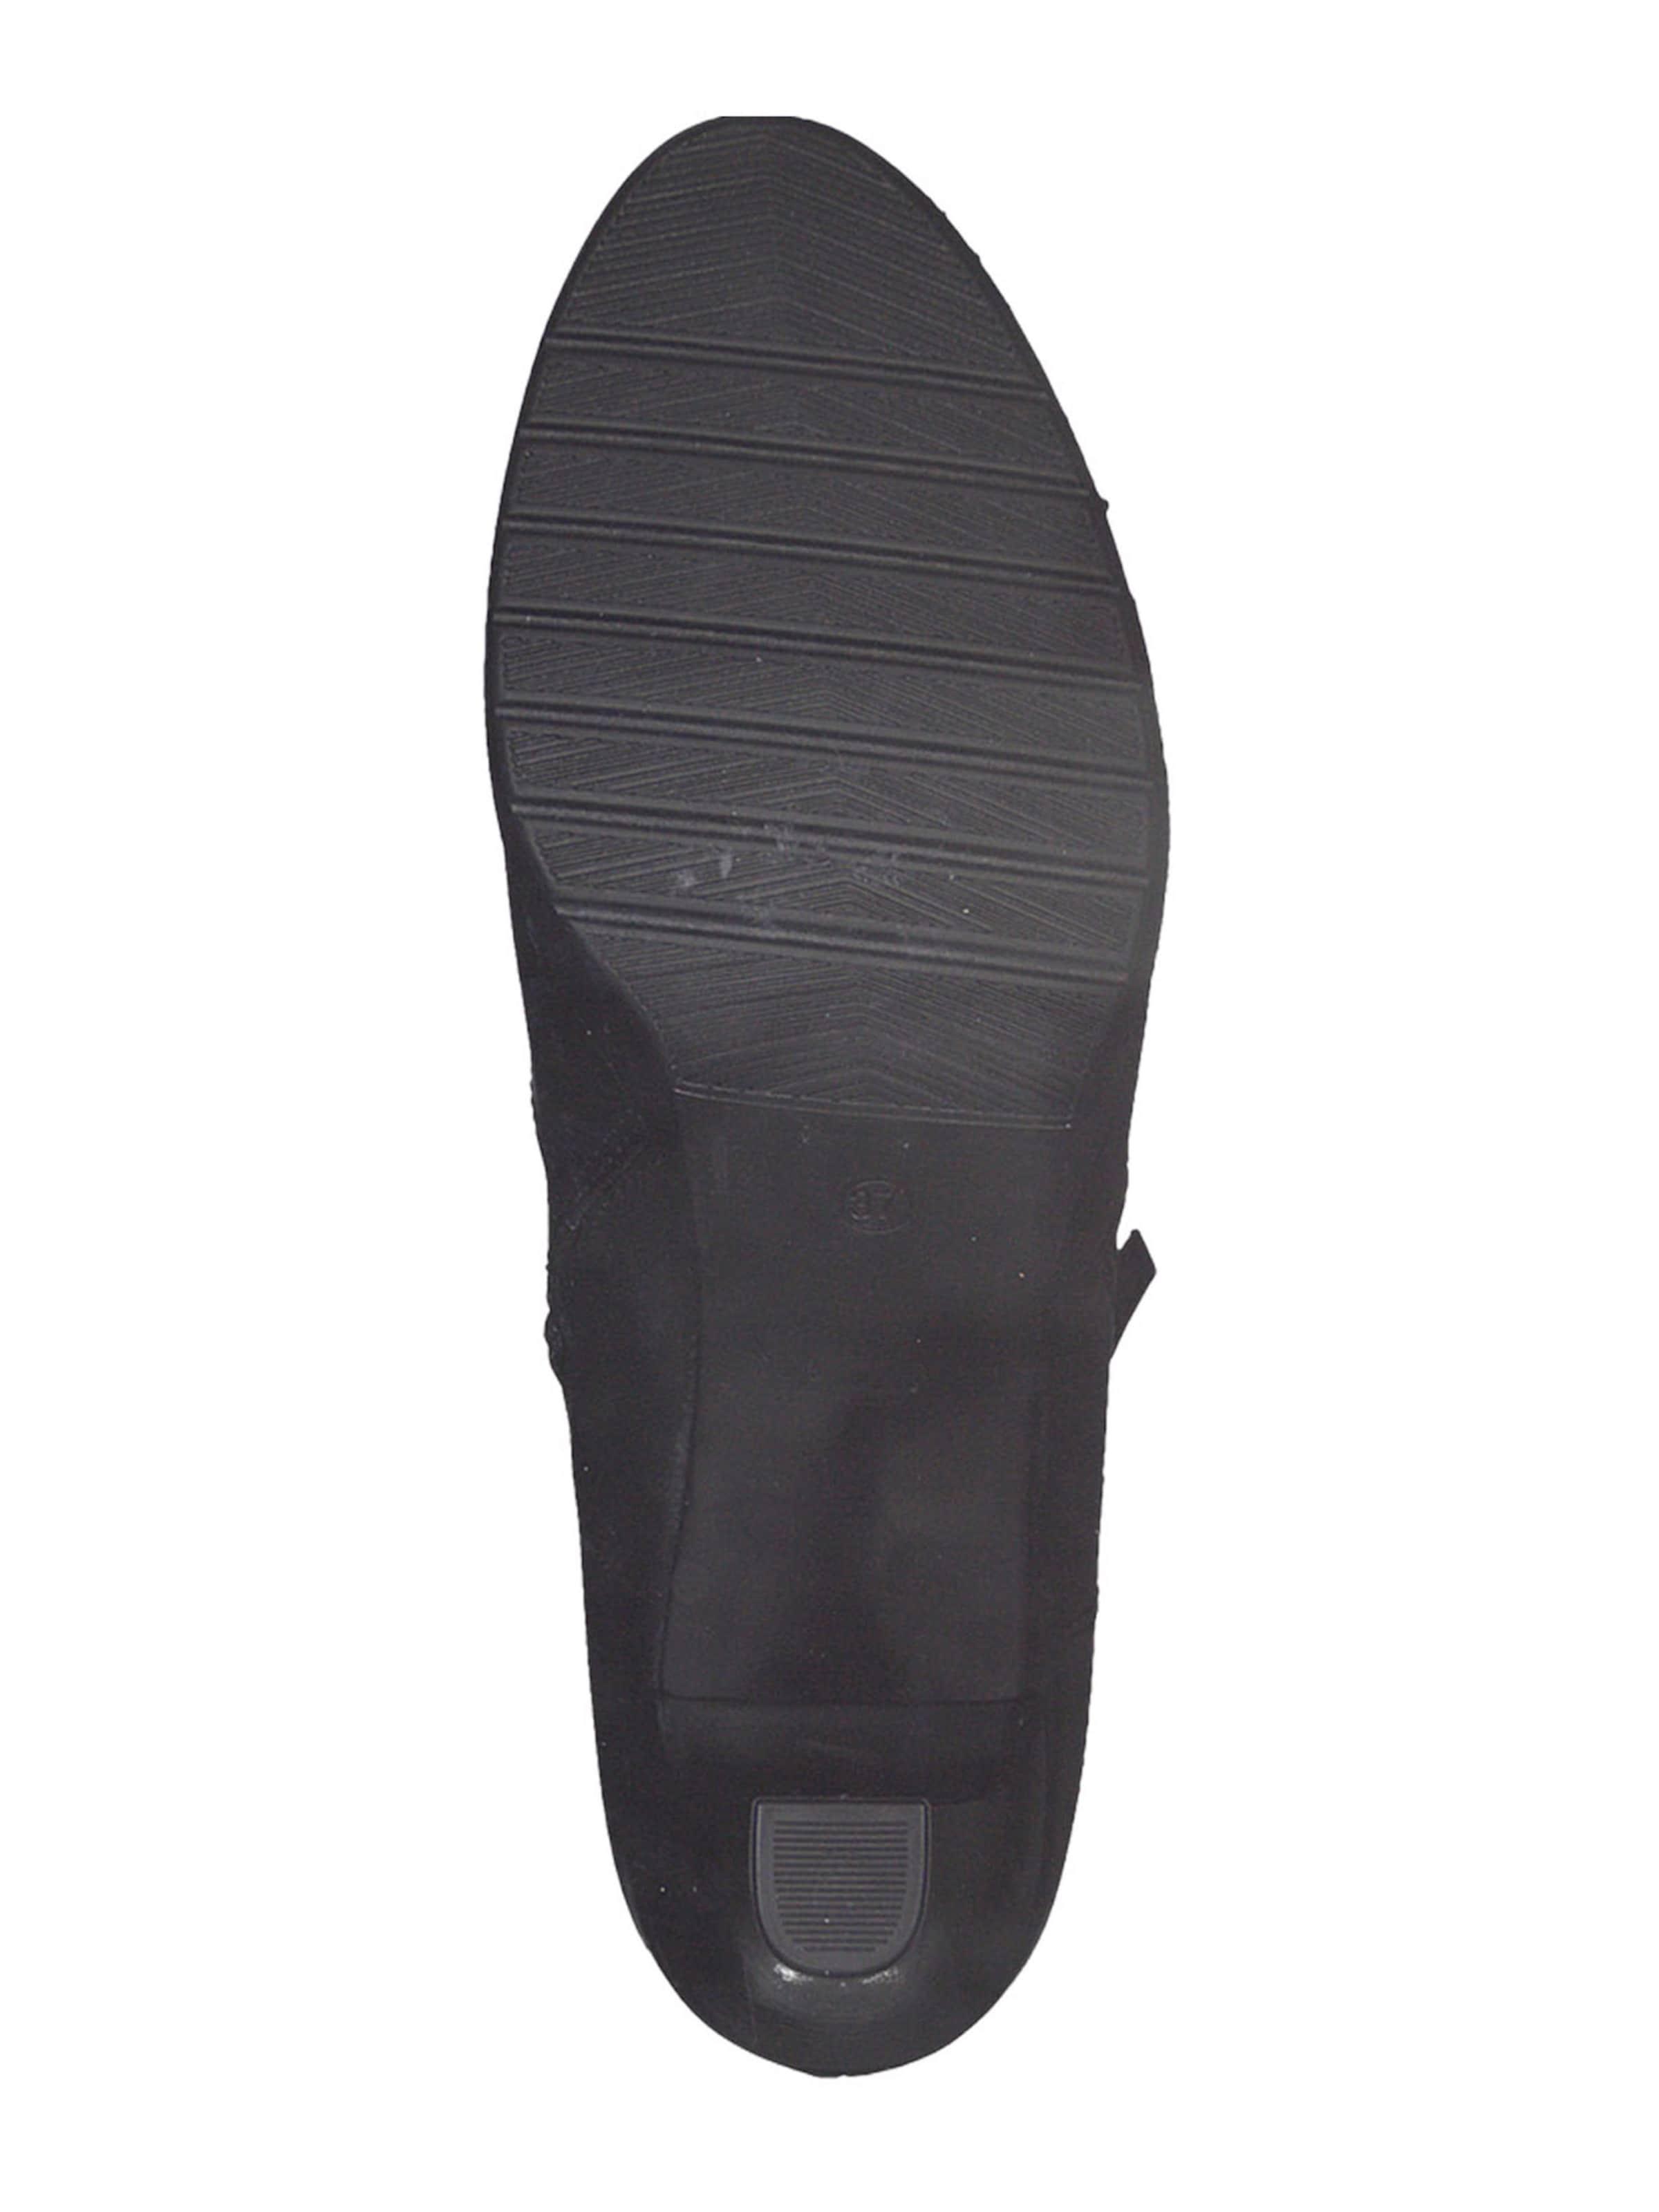 TAMARIS Rövid szárú csizmák fekete színben